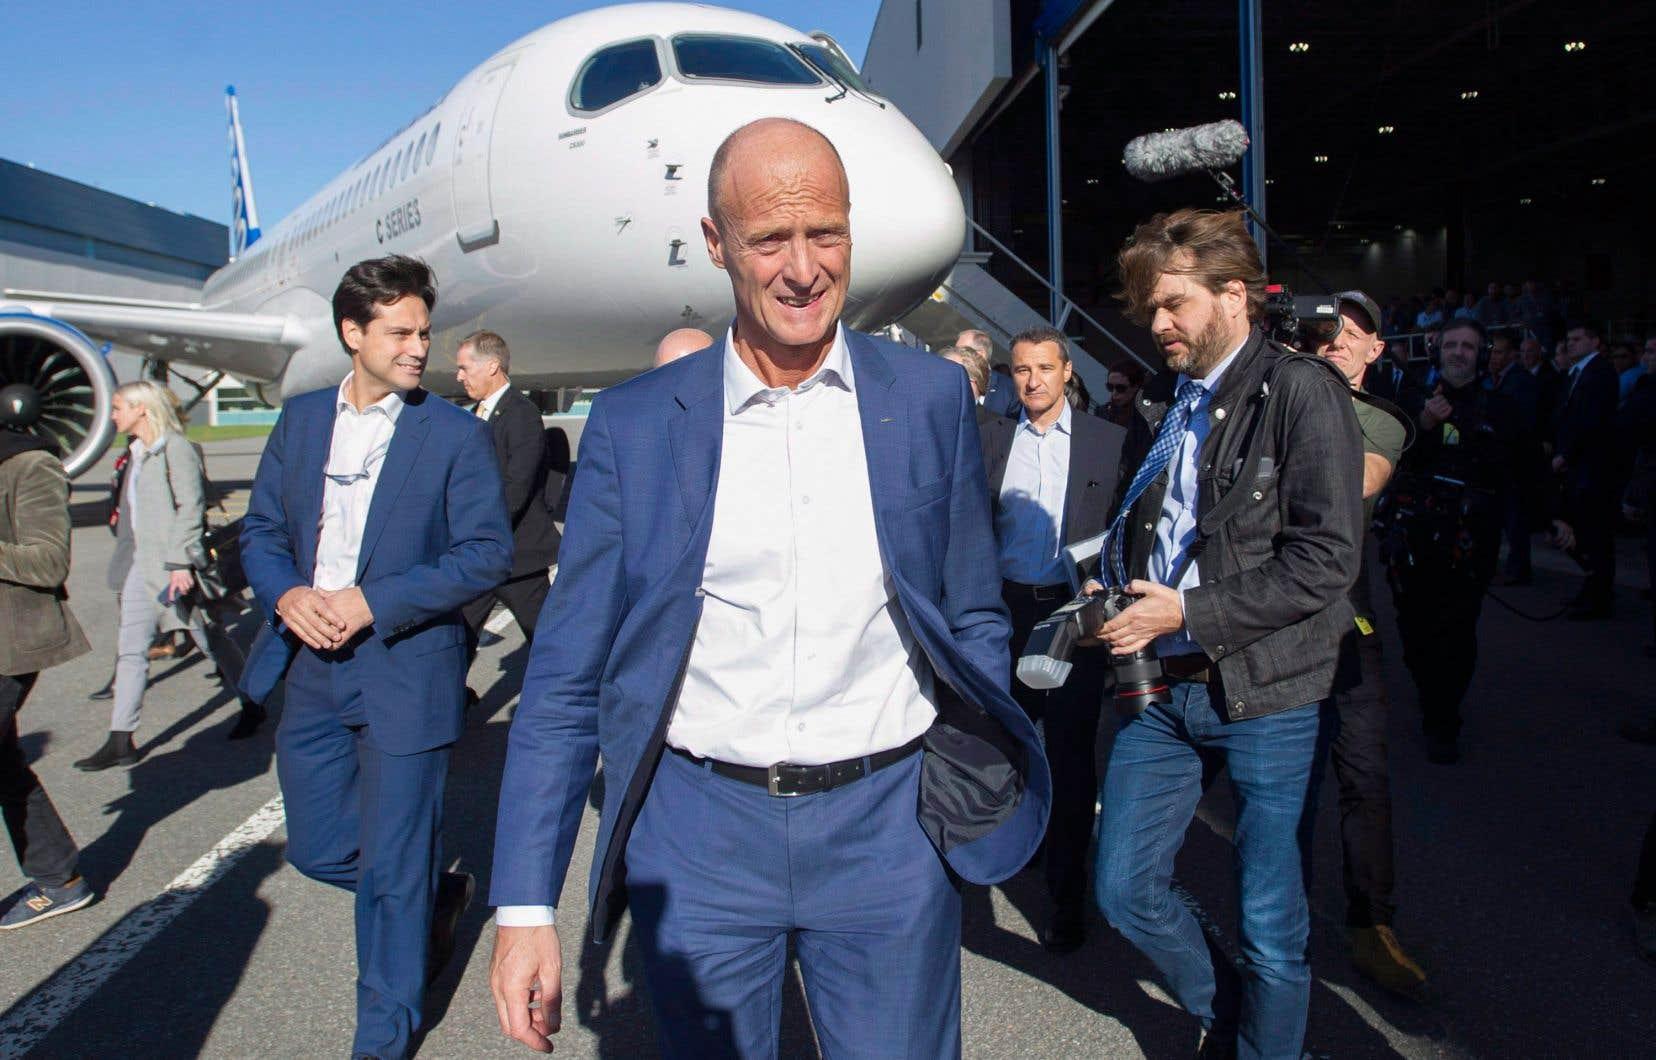 Le président d'Airbus, Tom Enders, devant un appareil CSeries de Bombardier. L'avionneur québécois a cédé le contrôle de cette gamme d'appareils à l'entreprise française en 2018.